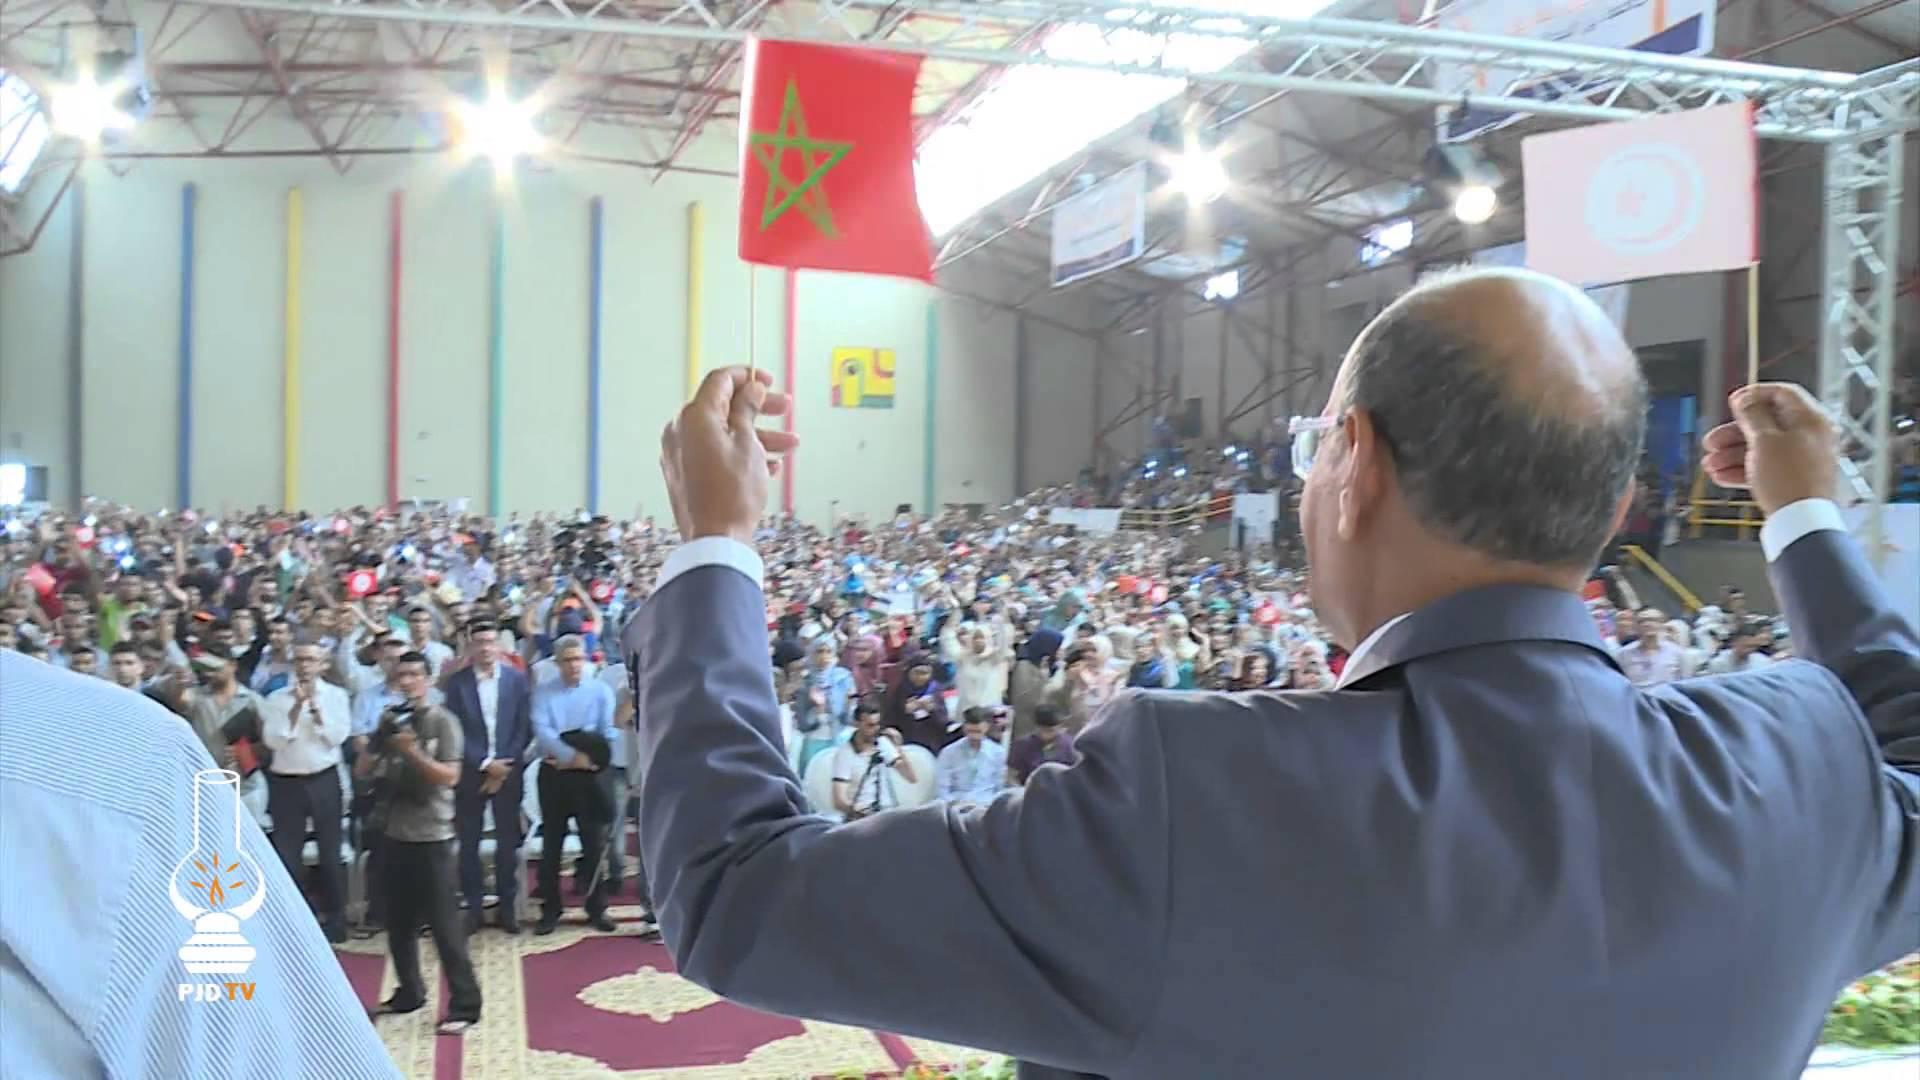 المرزوقي يهنئ الملك والشعب المغربي بعيد العرش